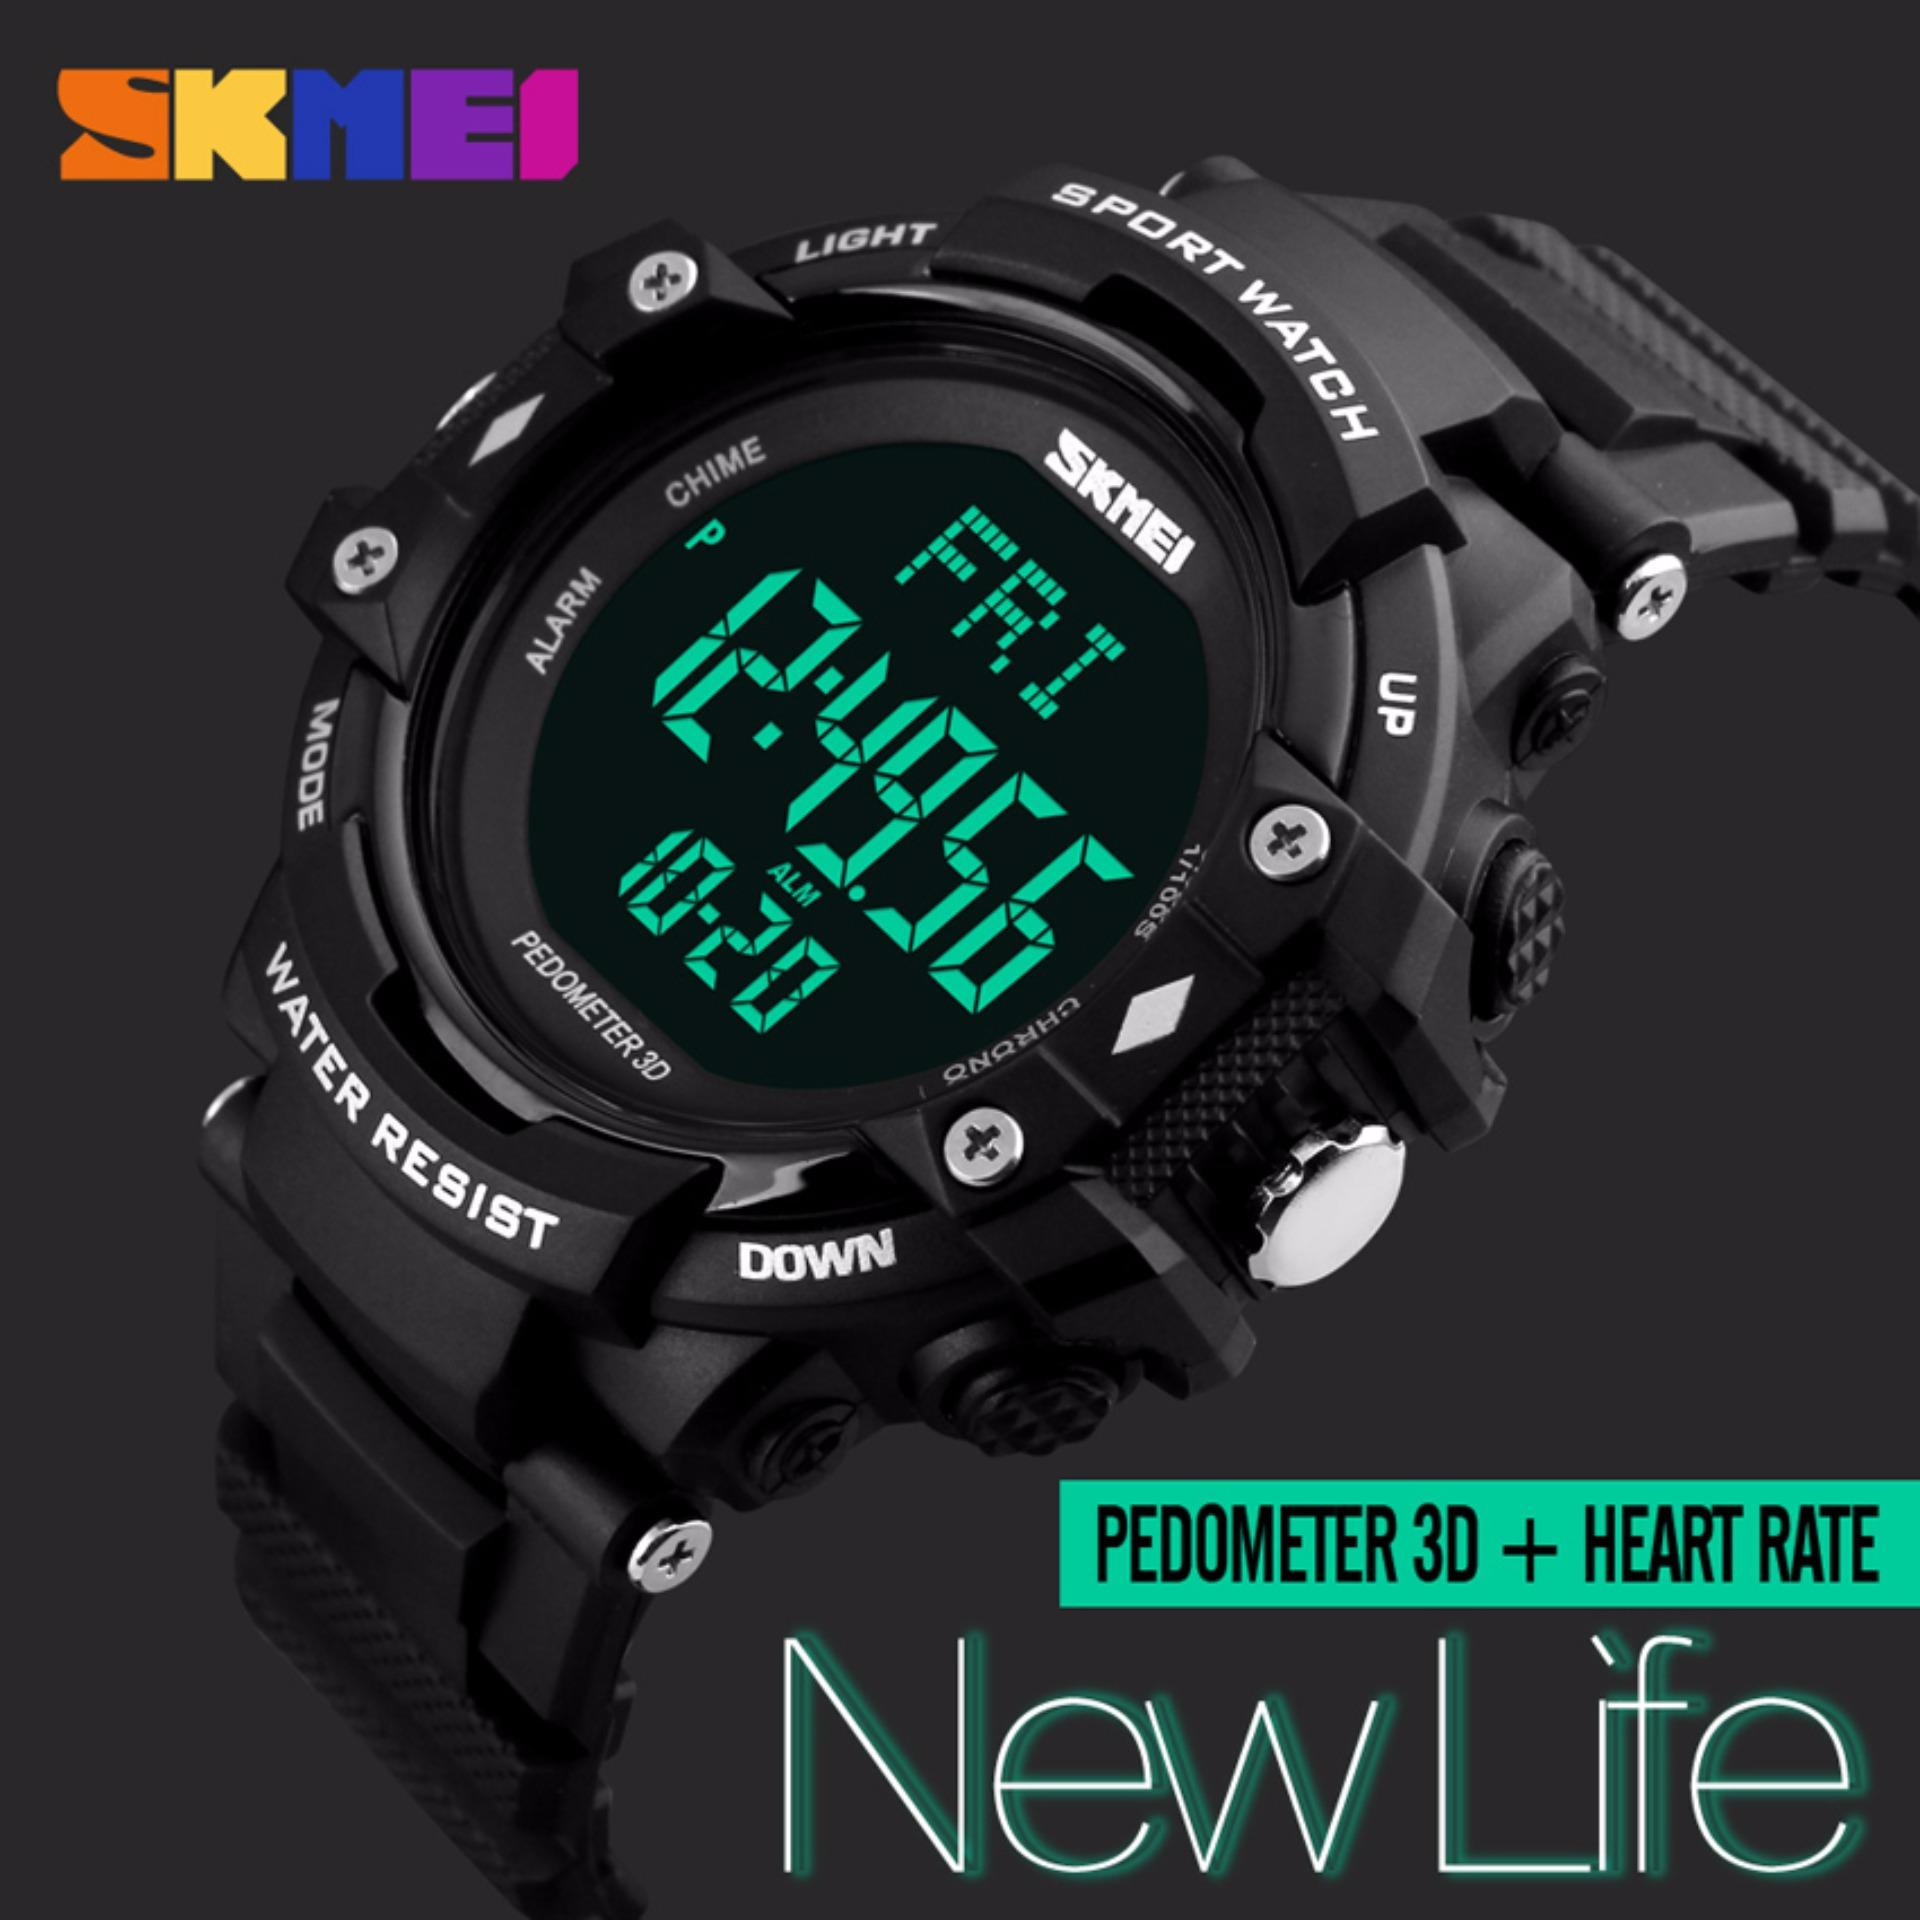 Skmei Sport Rubber Led Watch 1119 Water Resistant Anti Air Wr 50m ... - Jam Tangan Gelang Anti Air. Source ... Jam Tangan Gelang Bluetooh Olahraga Tahan Air ...